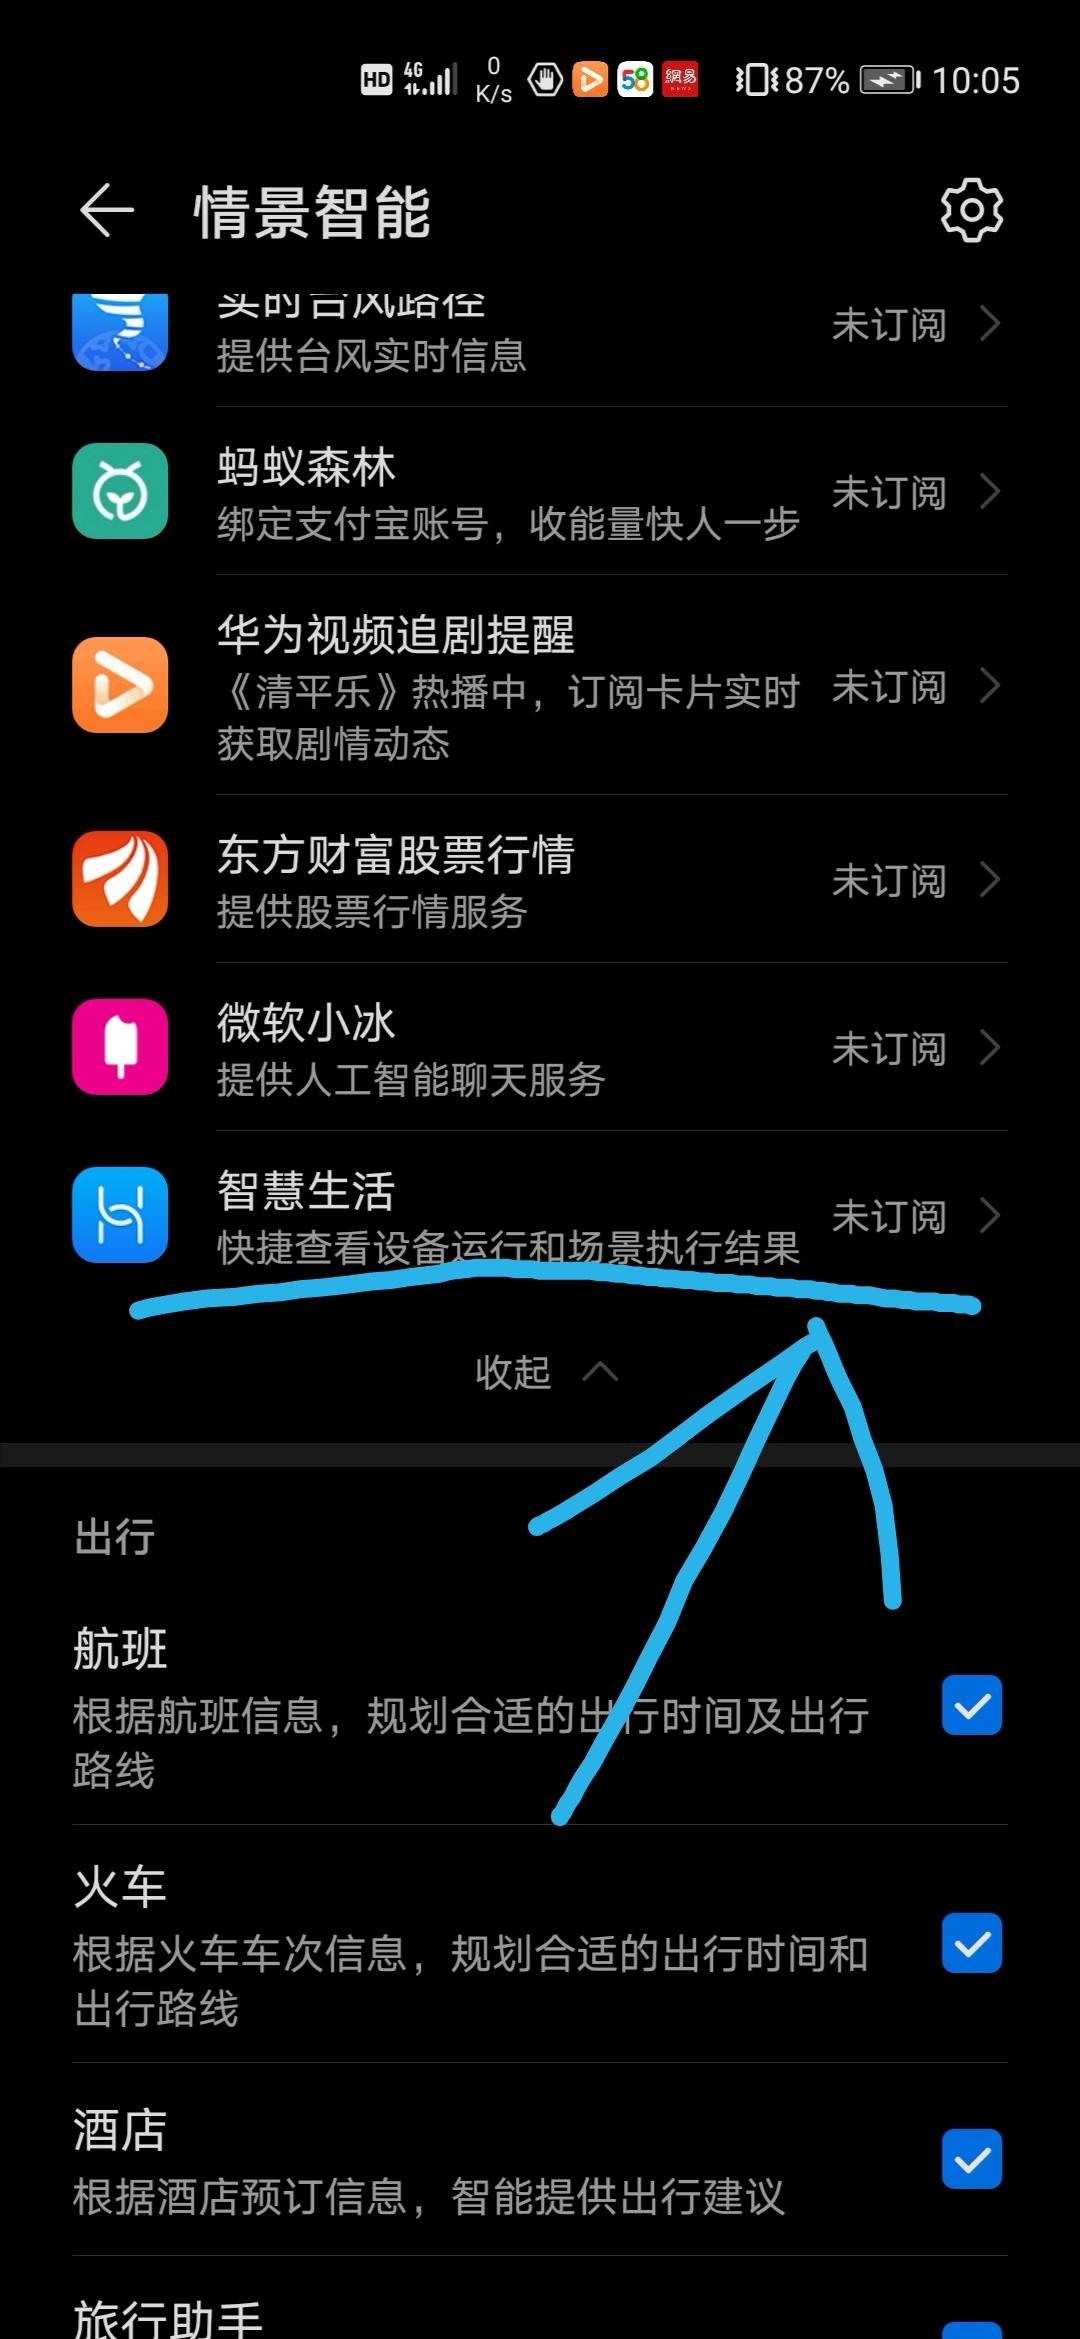 Screenshot_20200513_100921.jpg